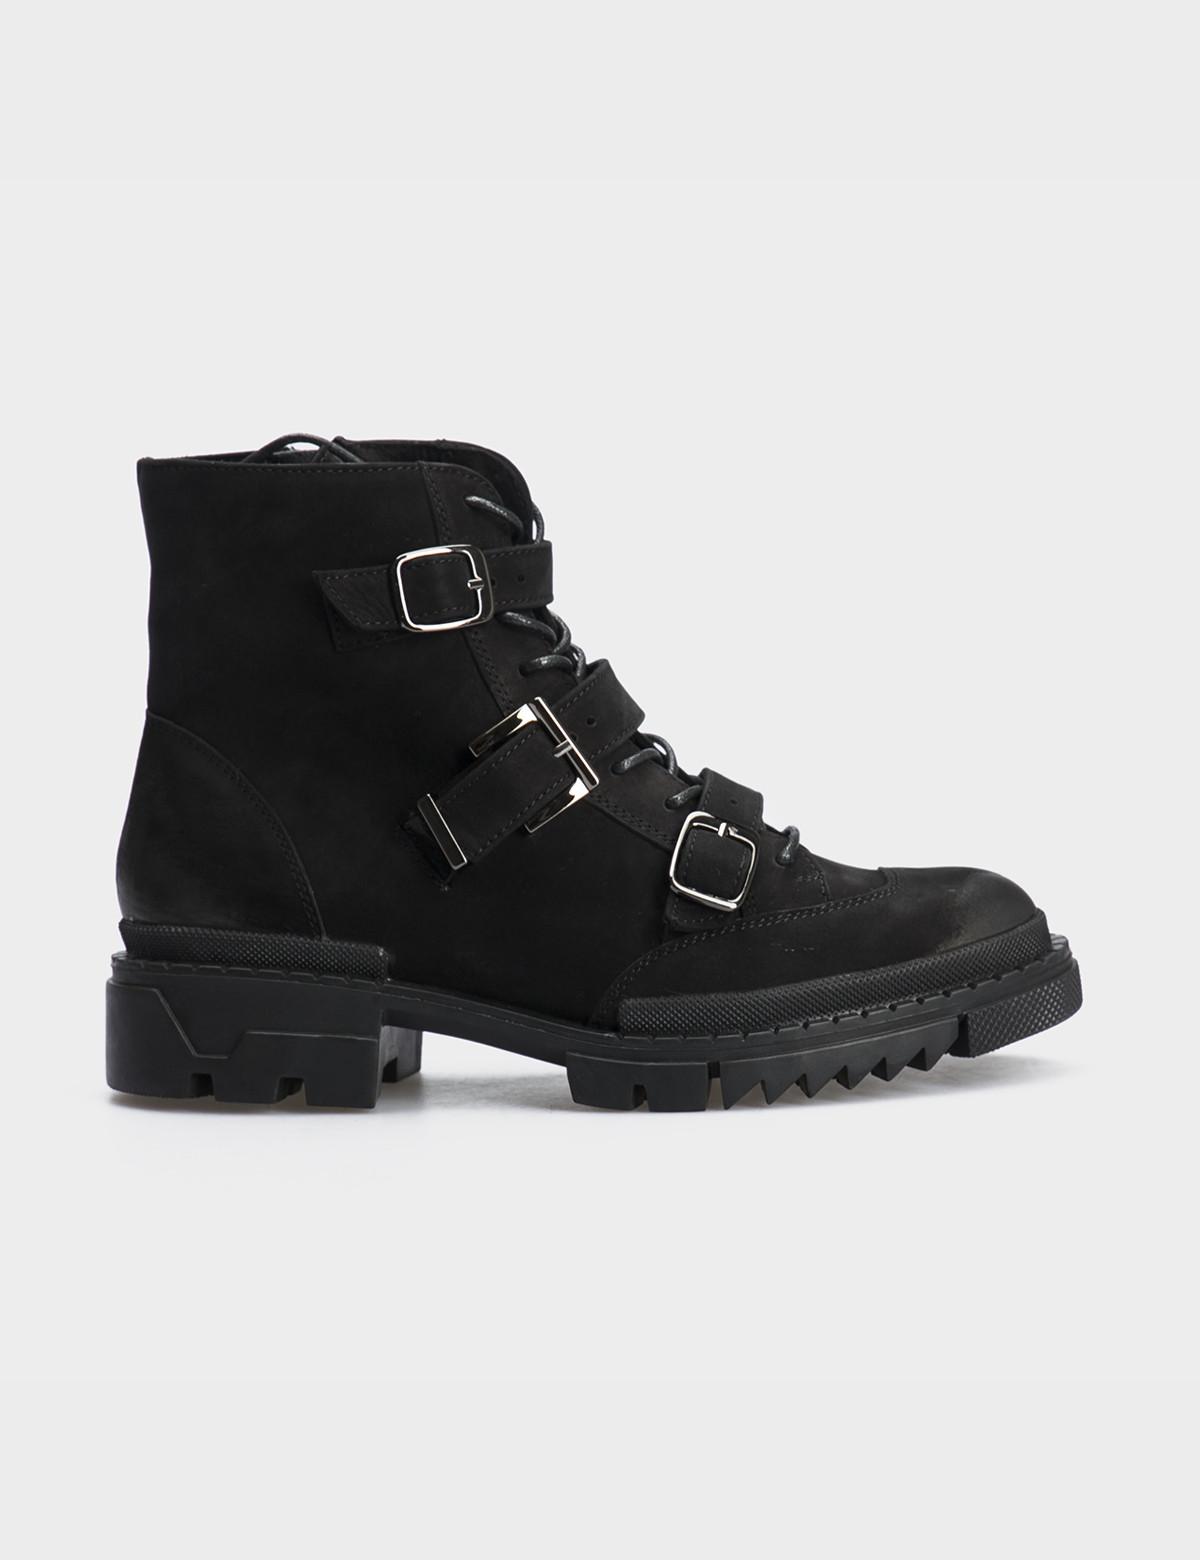 Ботинки черные натуральный нубук. Байка